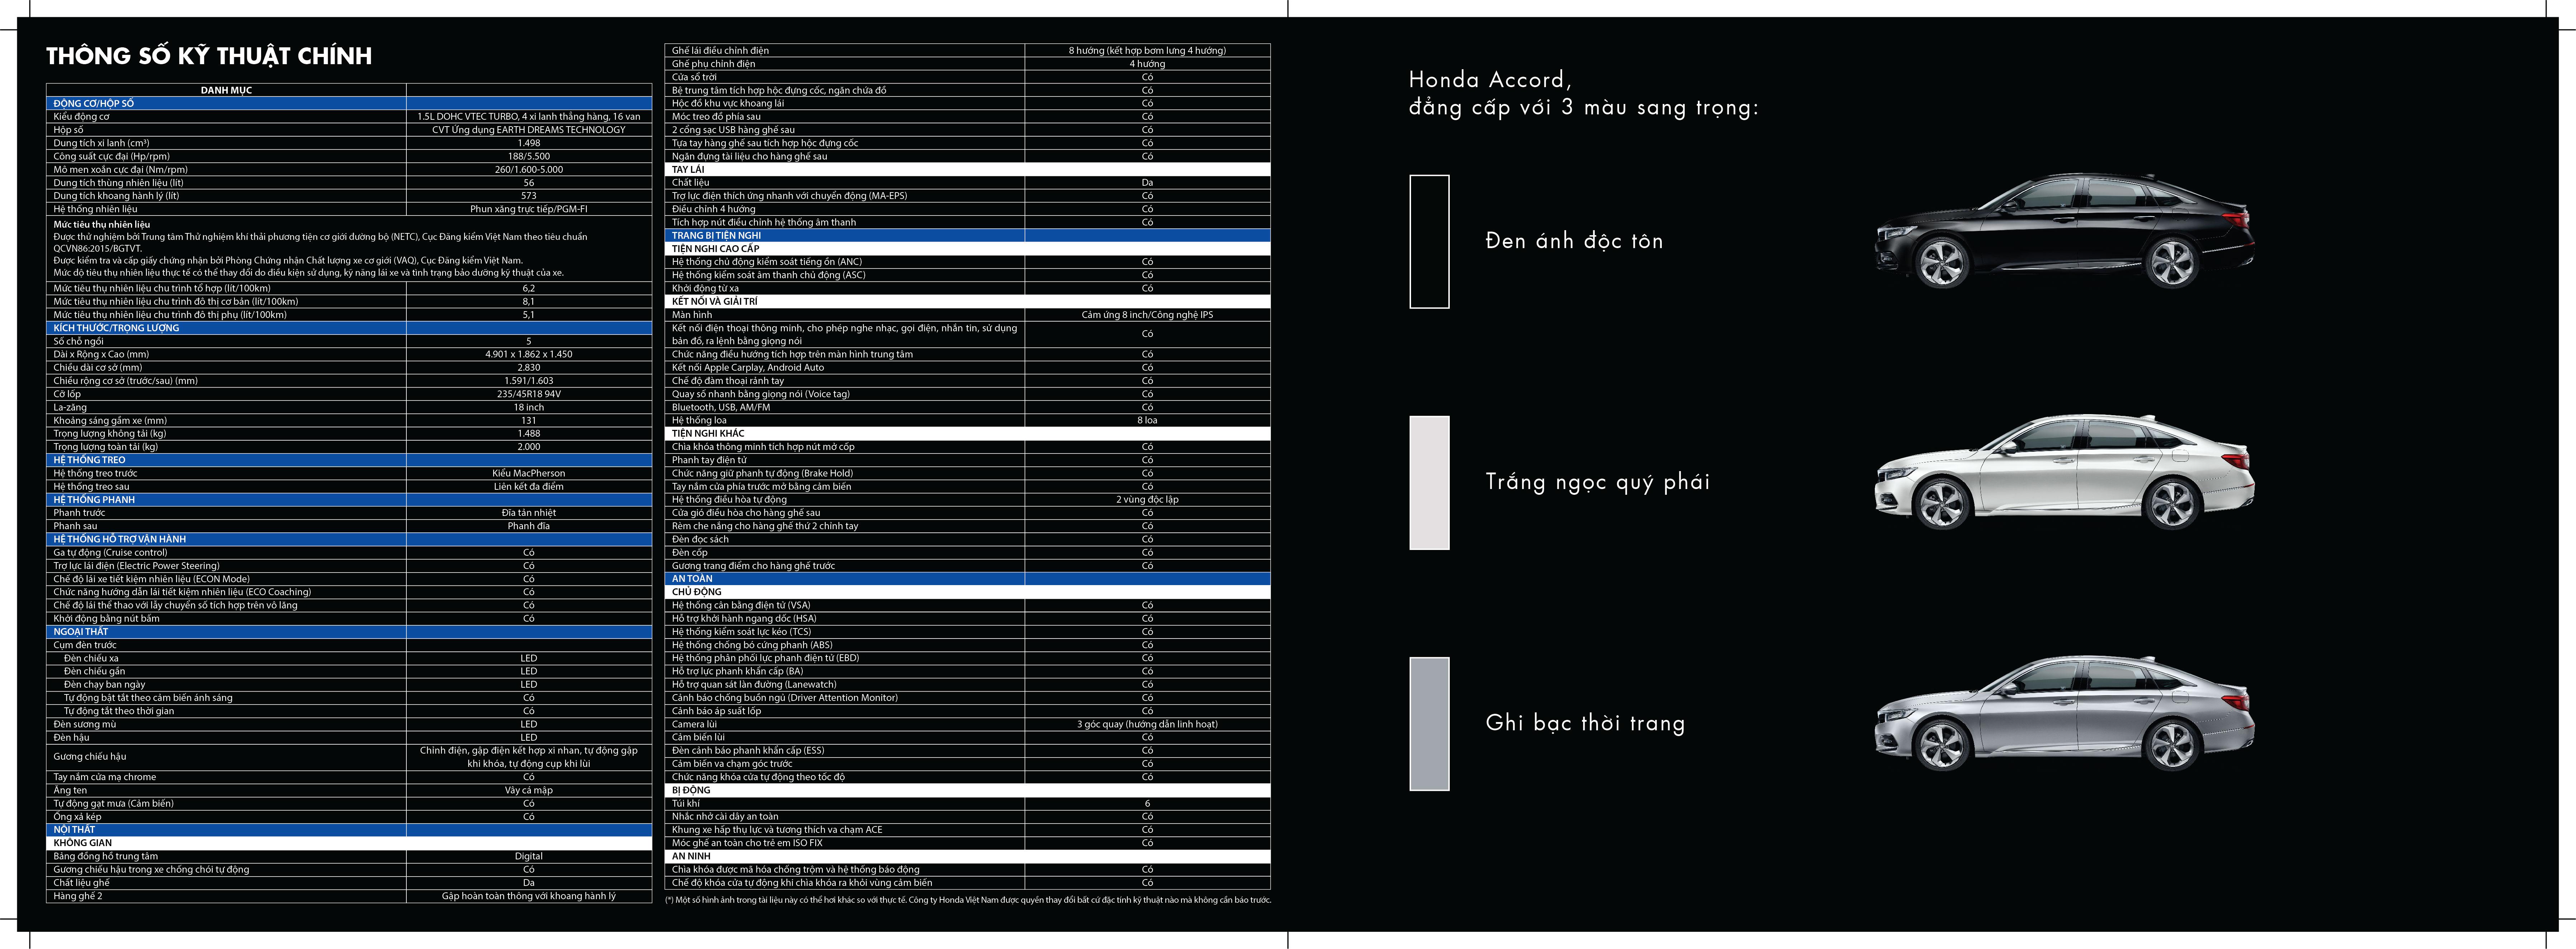 Thông số kỹ thuật Honda Accord 2020 - Honda Khánh Hòa - Honda Ô tô Nha Trang - 0905 069 259